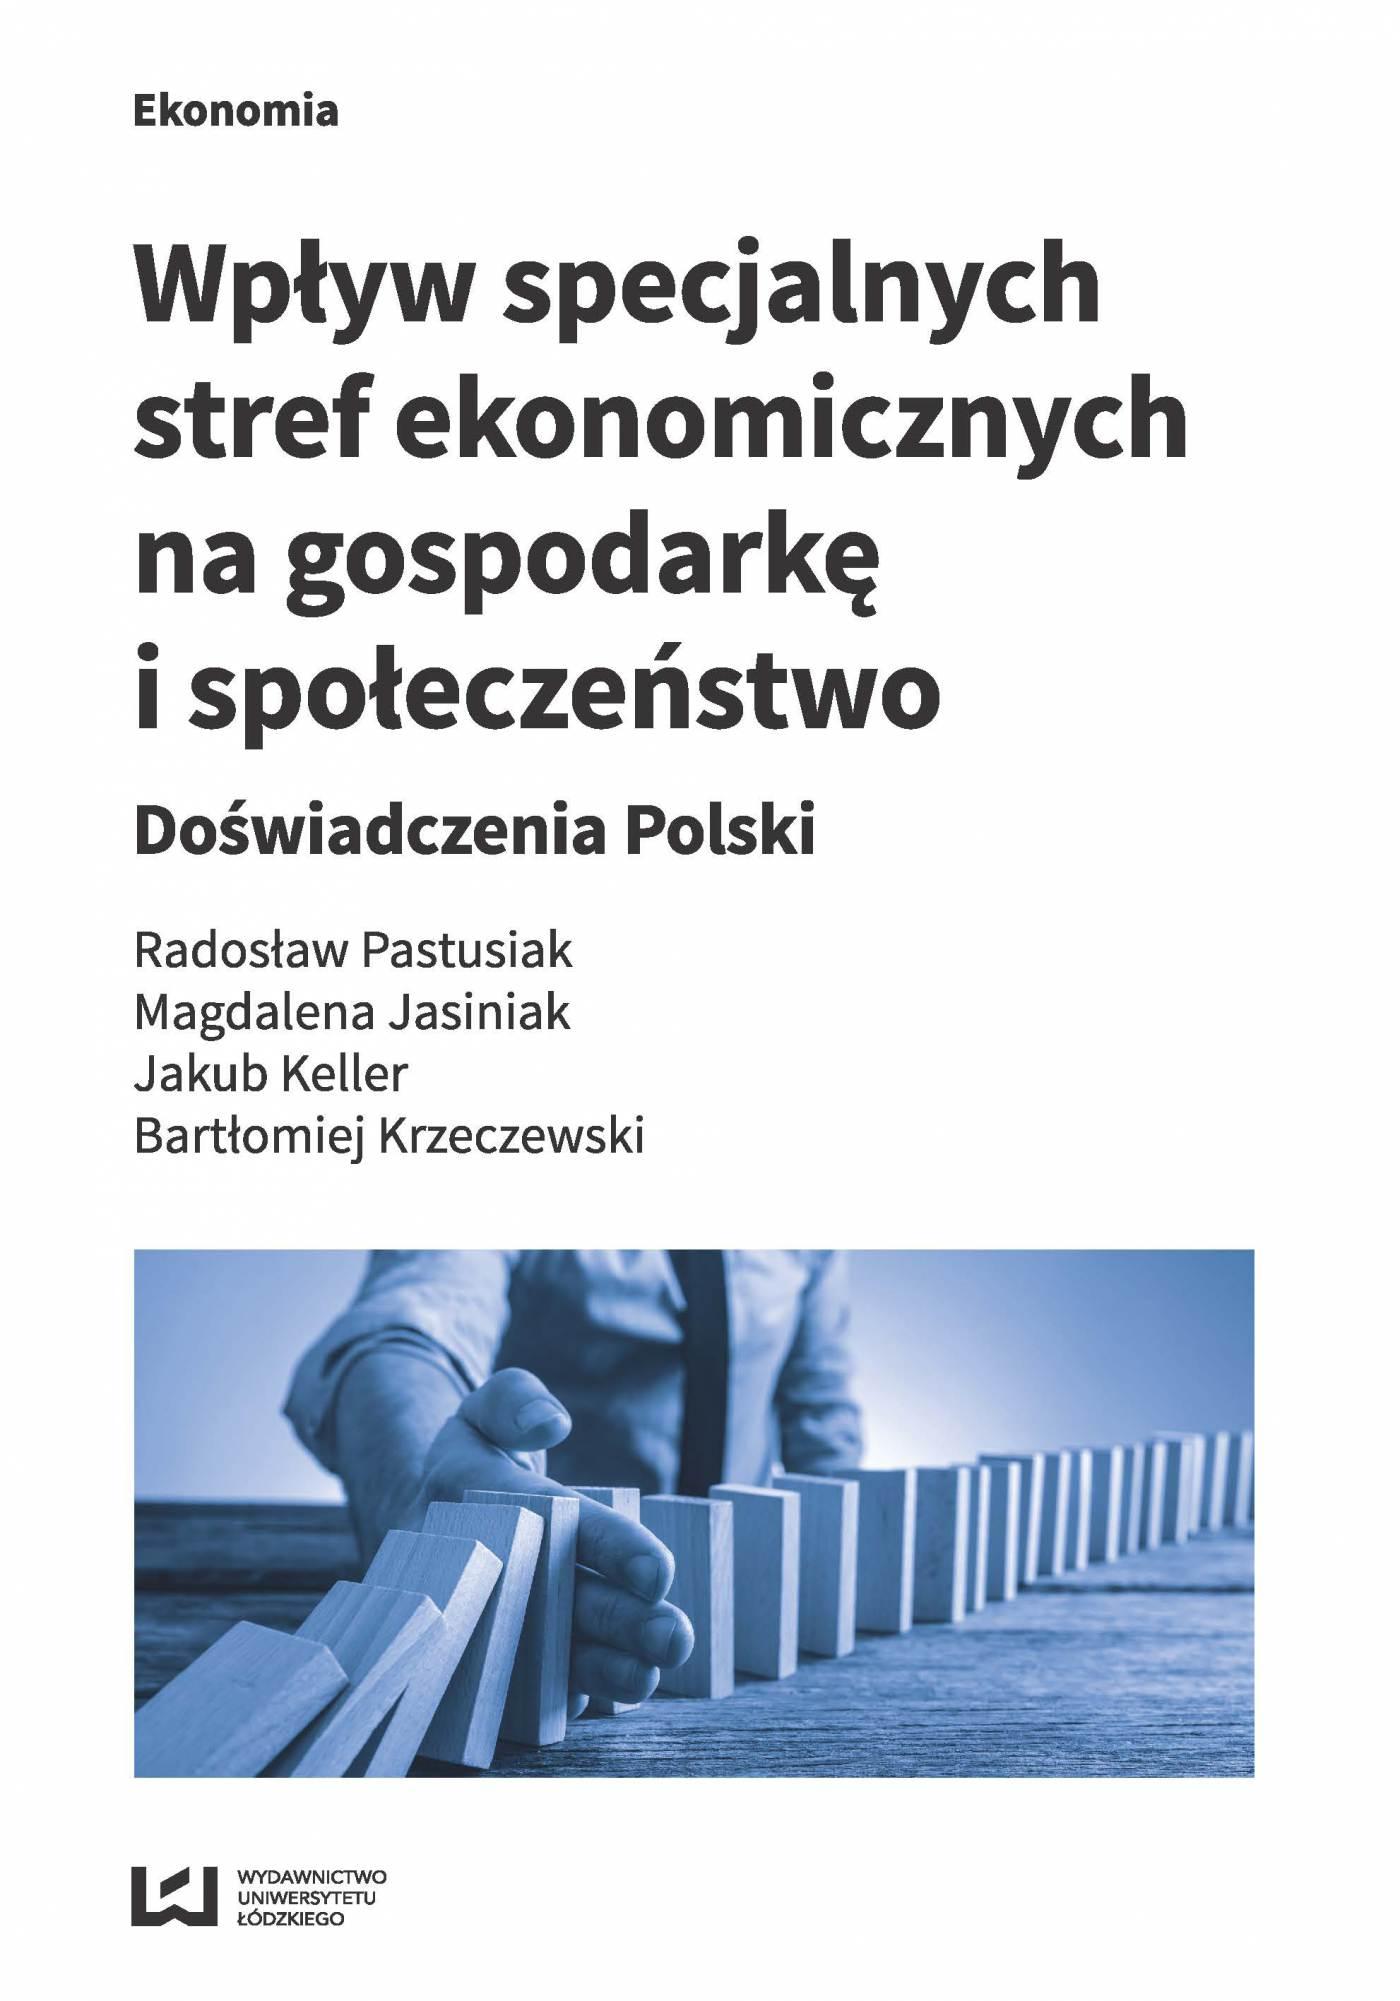 Wpływ specjalnych stref ekonomicznych na gospodarkę i społeczeństwo. Doświadczenia Polski - Ebook (Książka PDF) do pobrania w formacie PDF